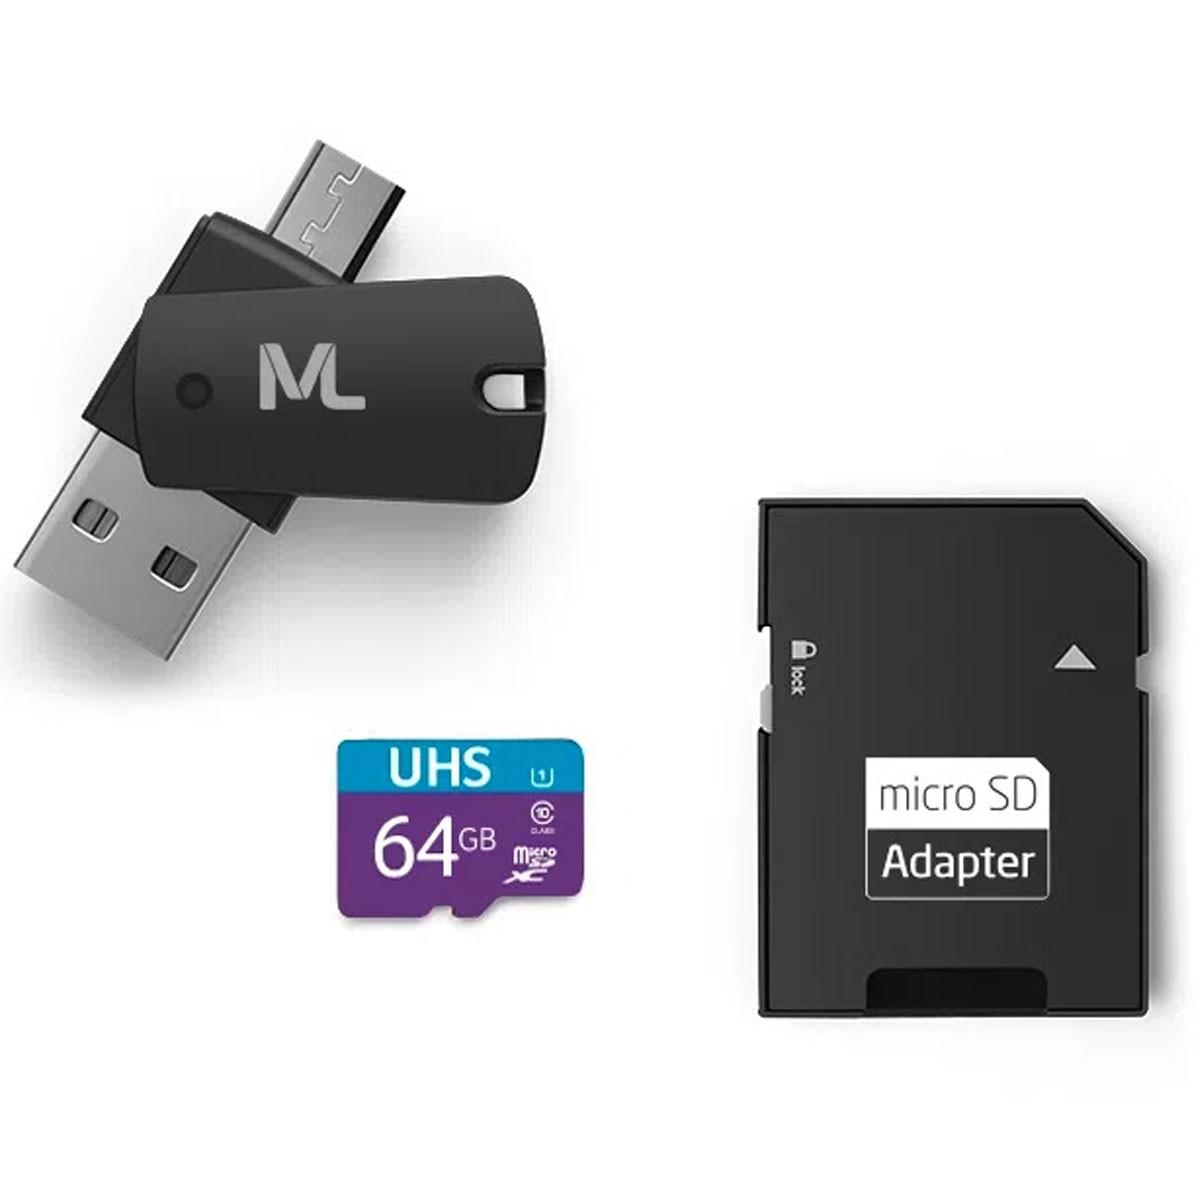 Kit Cartão de Memória + Adaptador Pen Drive OTG Micro SD 64GB Multilaser MC152